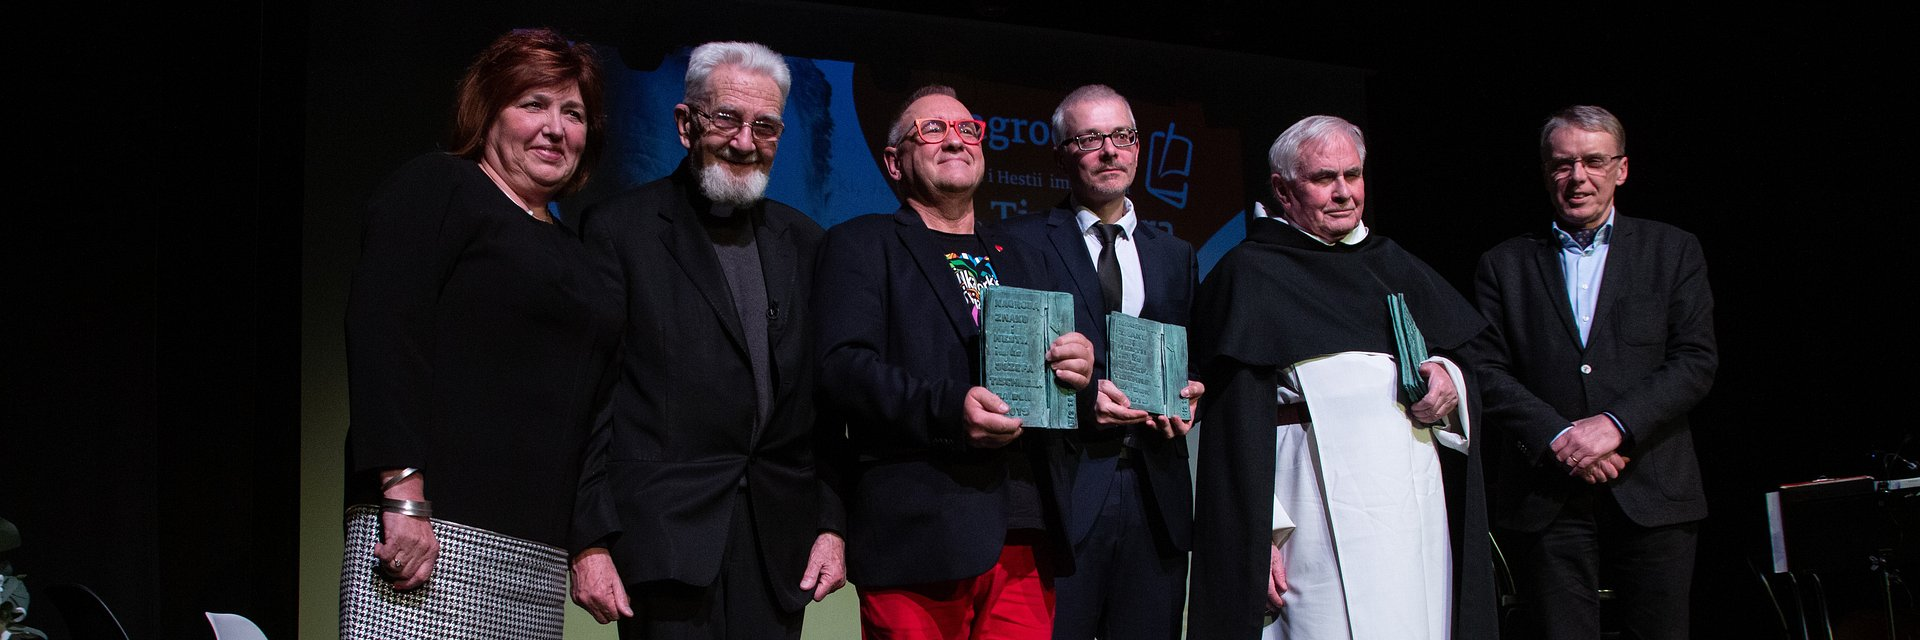 Jerzy Owsiak oraz Lidia Niedźwiedzka-Owsiak laureatami Nagrody im. Ks. Tischnera